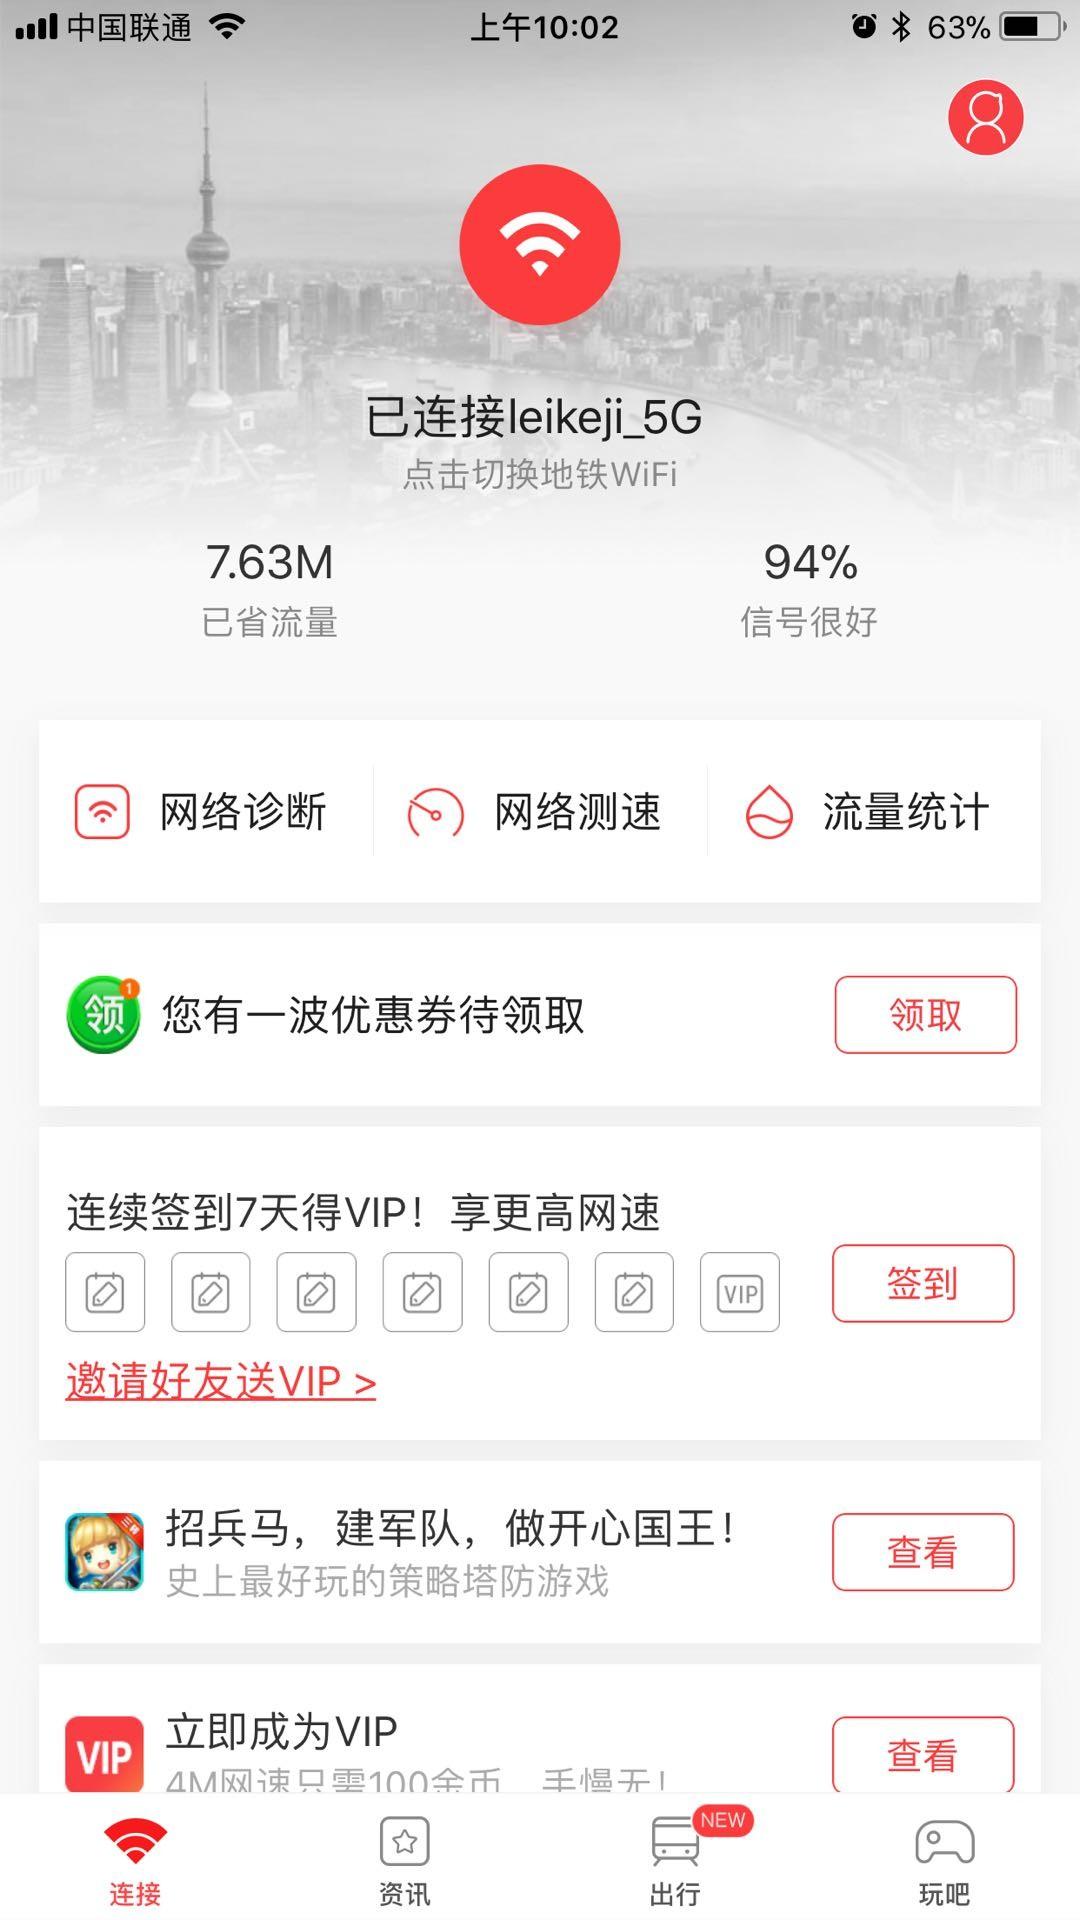 再也不担心玩手机没流量?腾讯竞标高铁WiFi公司股权:30亿元